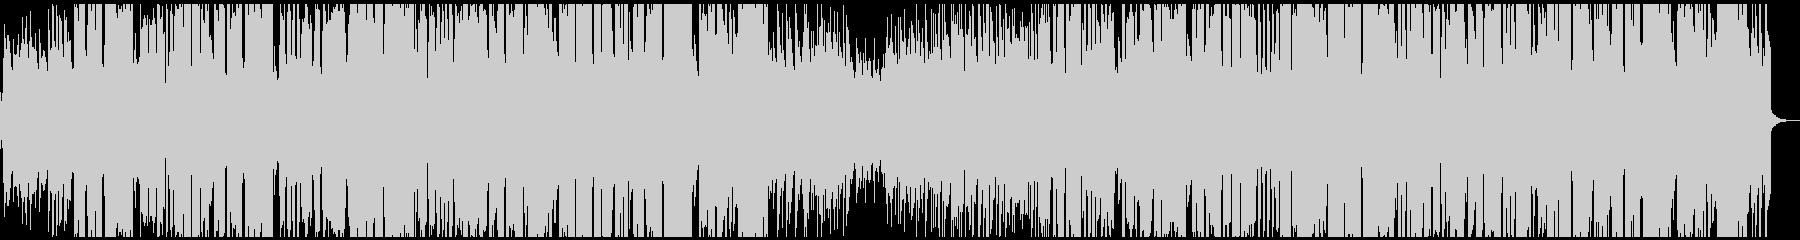 クラリネットのひょうきんなジャズの未再生の波形